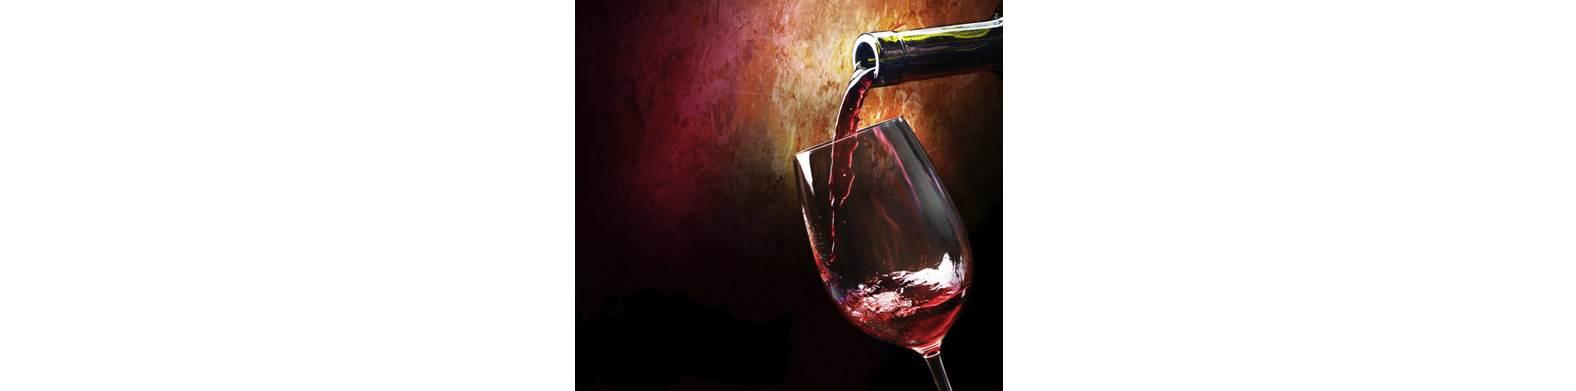 BLOG DU VIN- ameliorer vin rouge